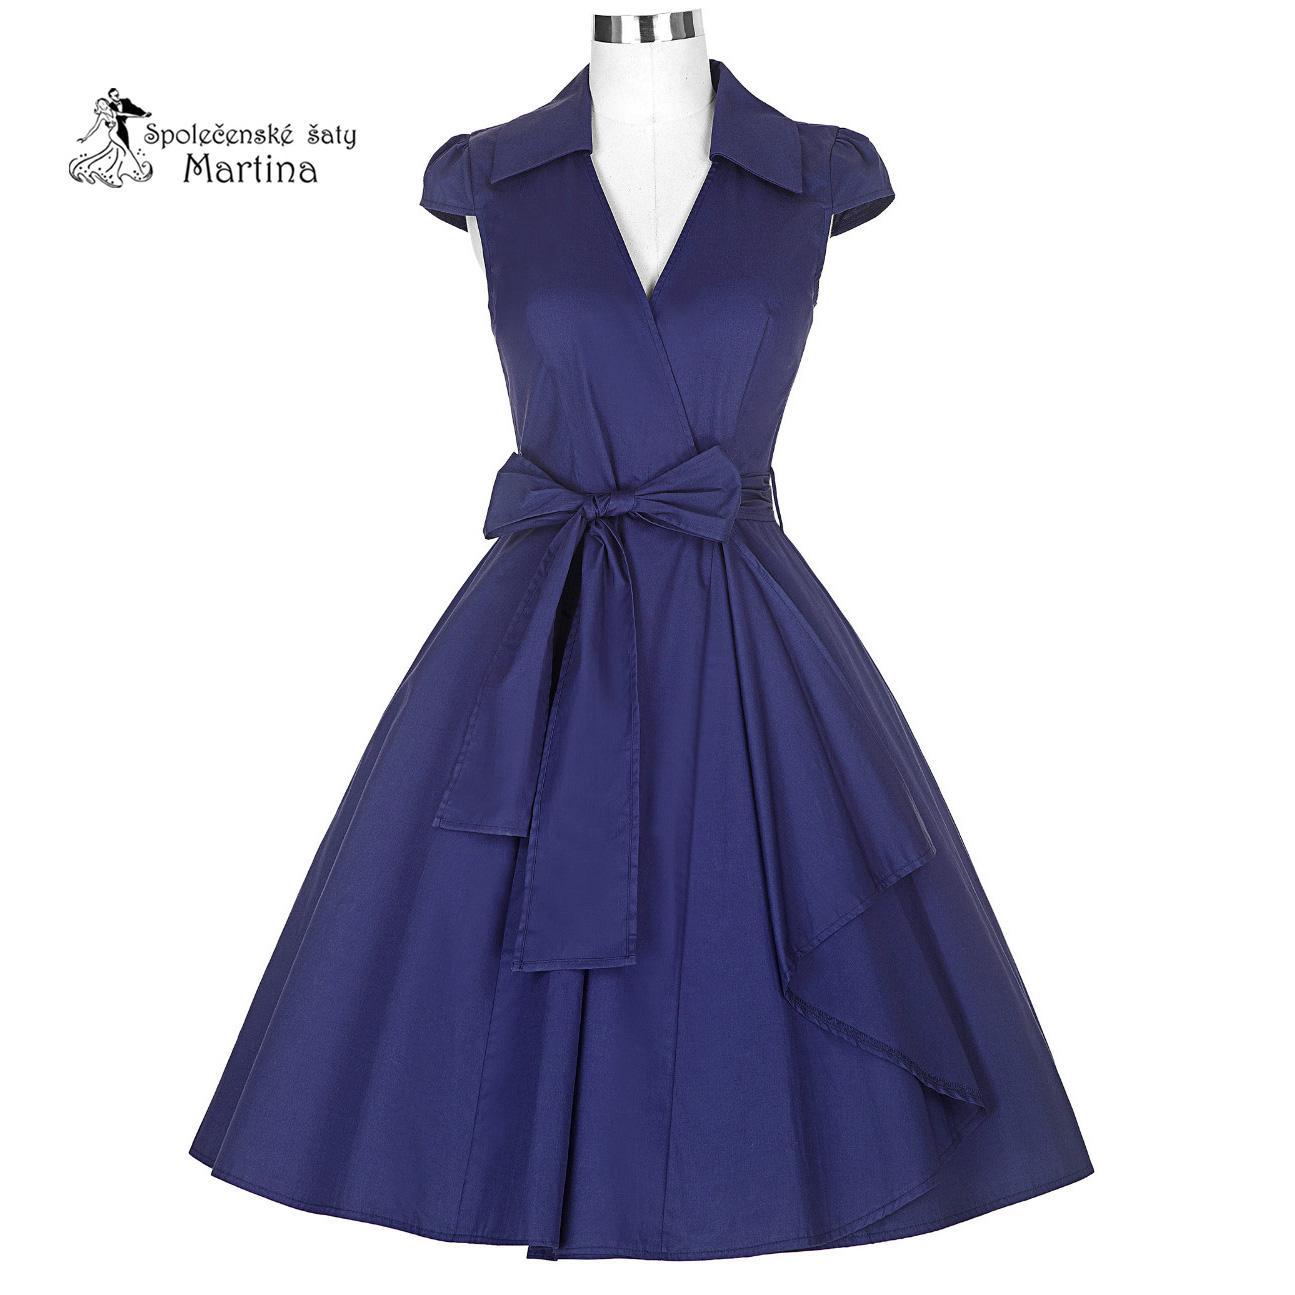 Spoločenské šaty - koktejlové šaty - koktejlky 7c1e522c38